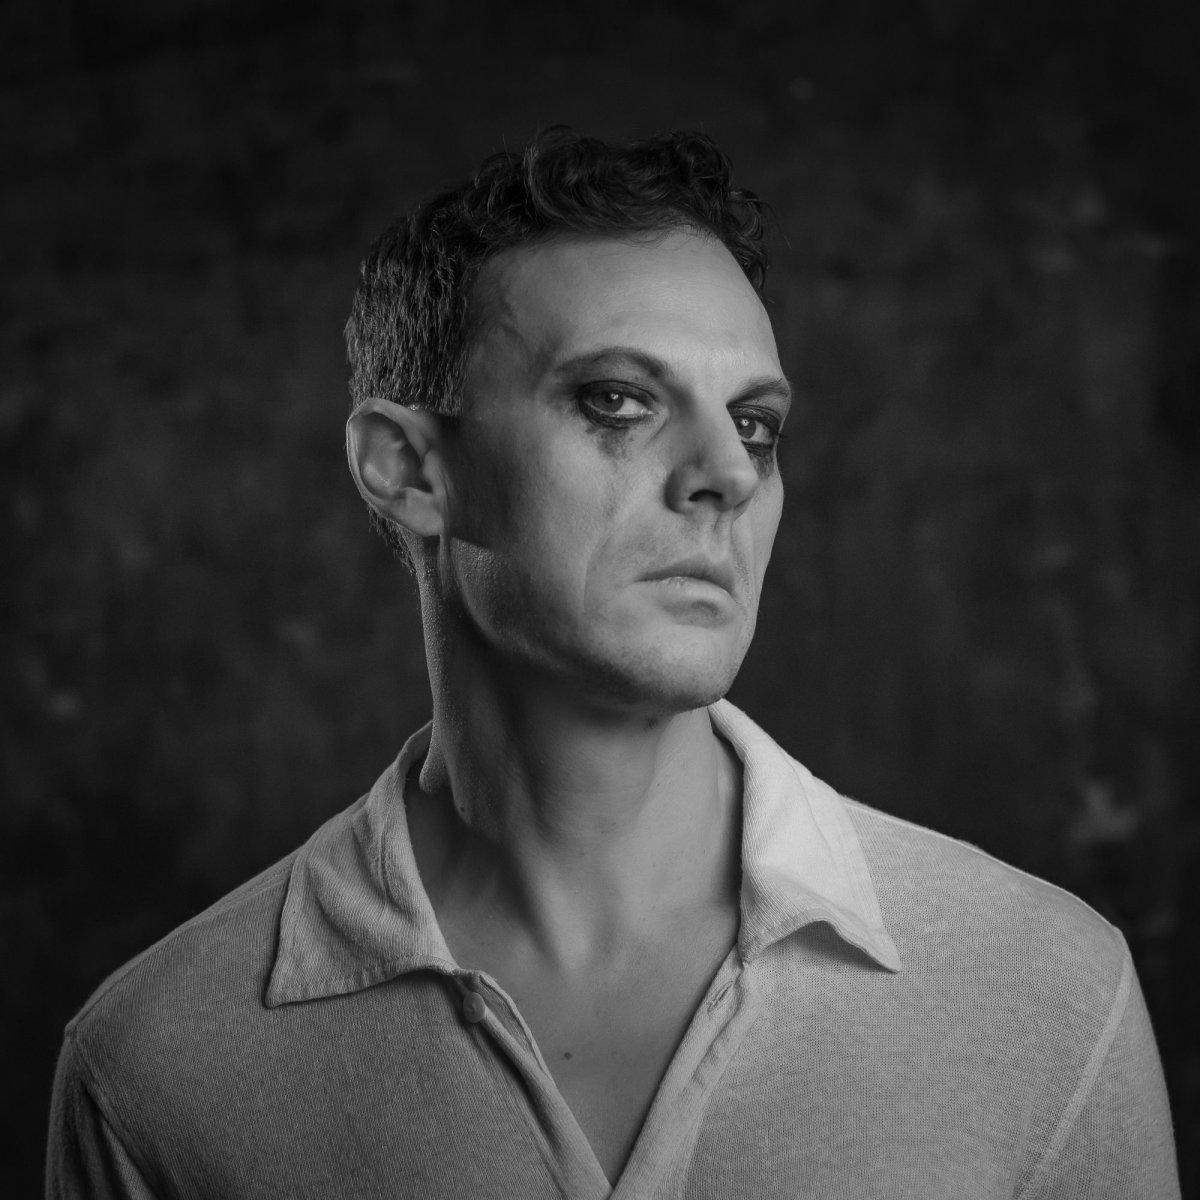 Με αφορμή την παράσταση «ΑΓΑΠΗΣΕ ΜΕ» που κάνει πρεμιέρα αύριο στο BIOS exploring urban culture ο Δημήτρης Αγαρτζίδης μιλάει στη Mania Zousi και στο artplay.gr | Το έργο μιλάει για όλους τους αδύναμους, που είμαστε εν δυνάμει εμείς, για το θέατρο και το παιχνίδι του θεάτρου, για το βάρος και την ελαφρότητα, για τον πόνο και την ανακούφιση, για αυτόν που είναι δίπλα μας και δεν τον προσέχουμε, ενώ κραυγάζει για να μας δείξει ότι είναι εκεί.